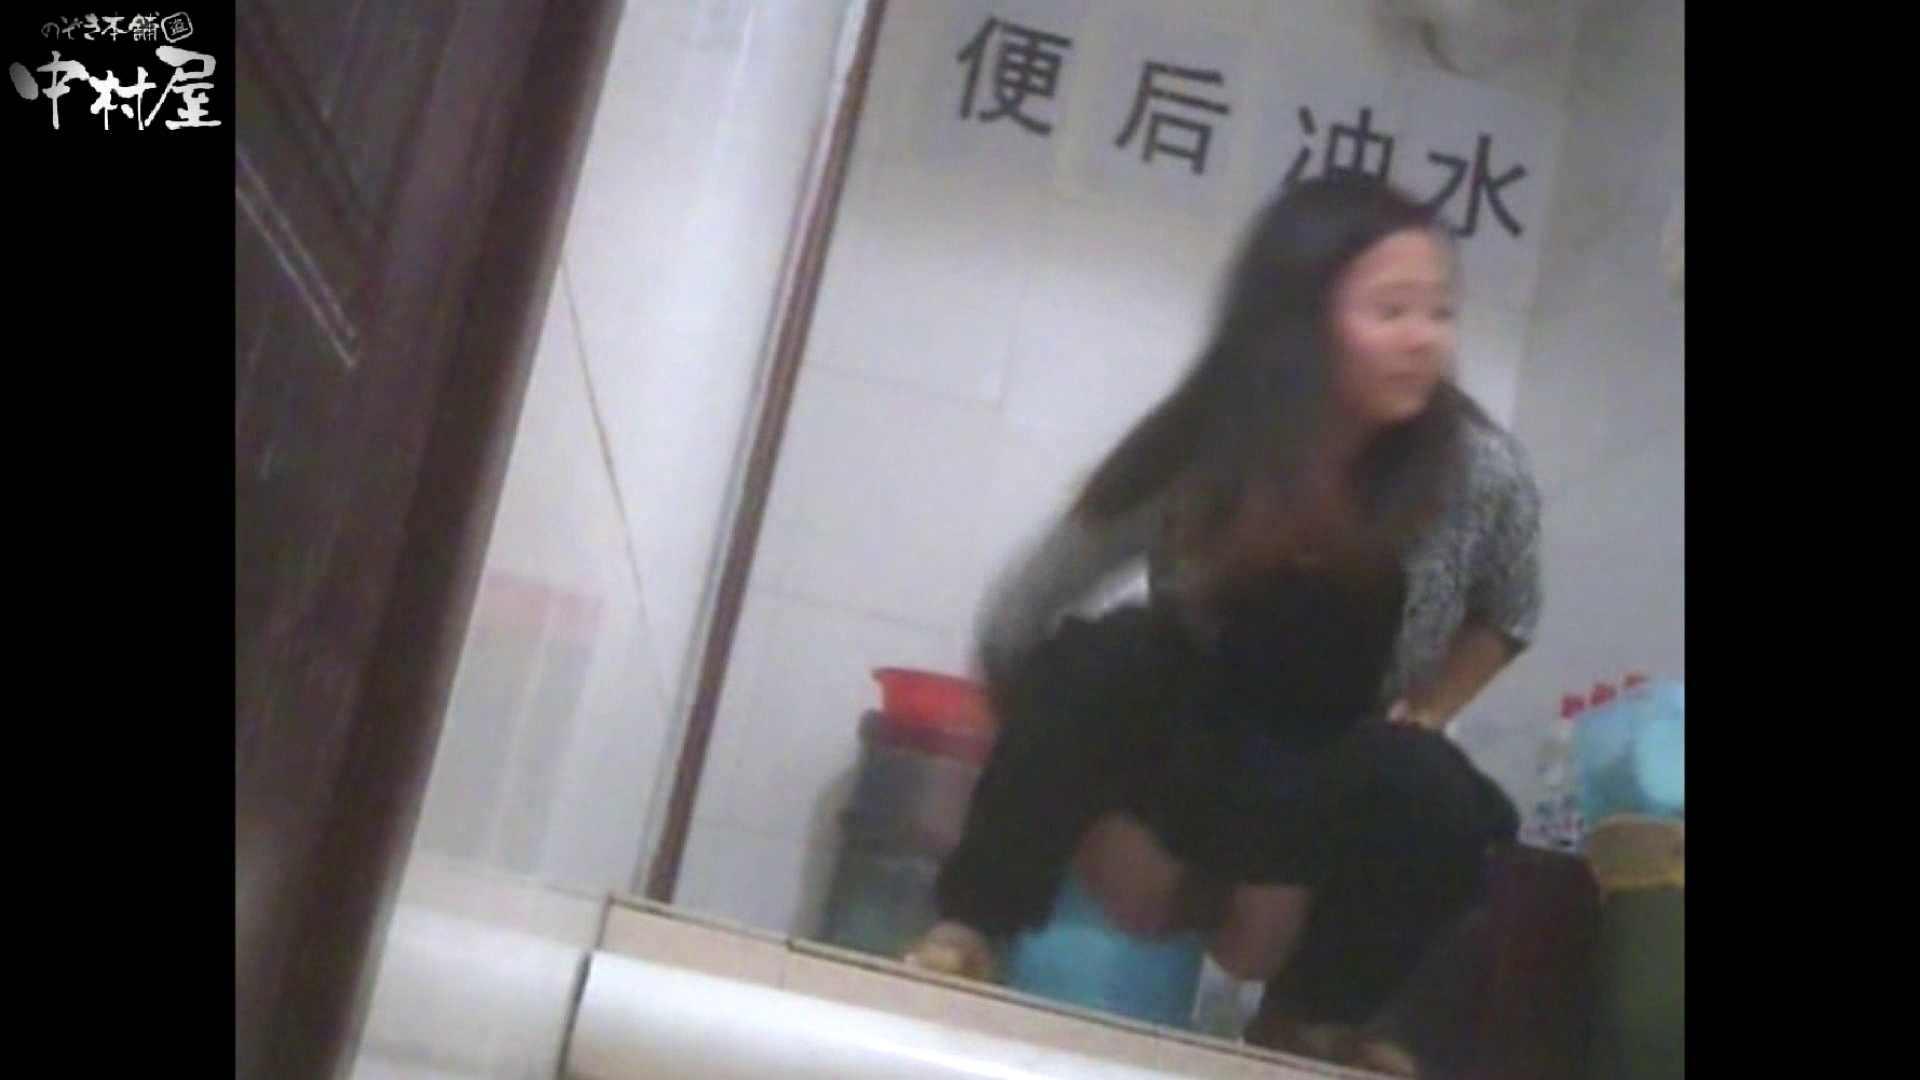 李さんの盗撮日記 Vol.13 トイレ | ギャルのエロ動画 盗撮 93PIX 37